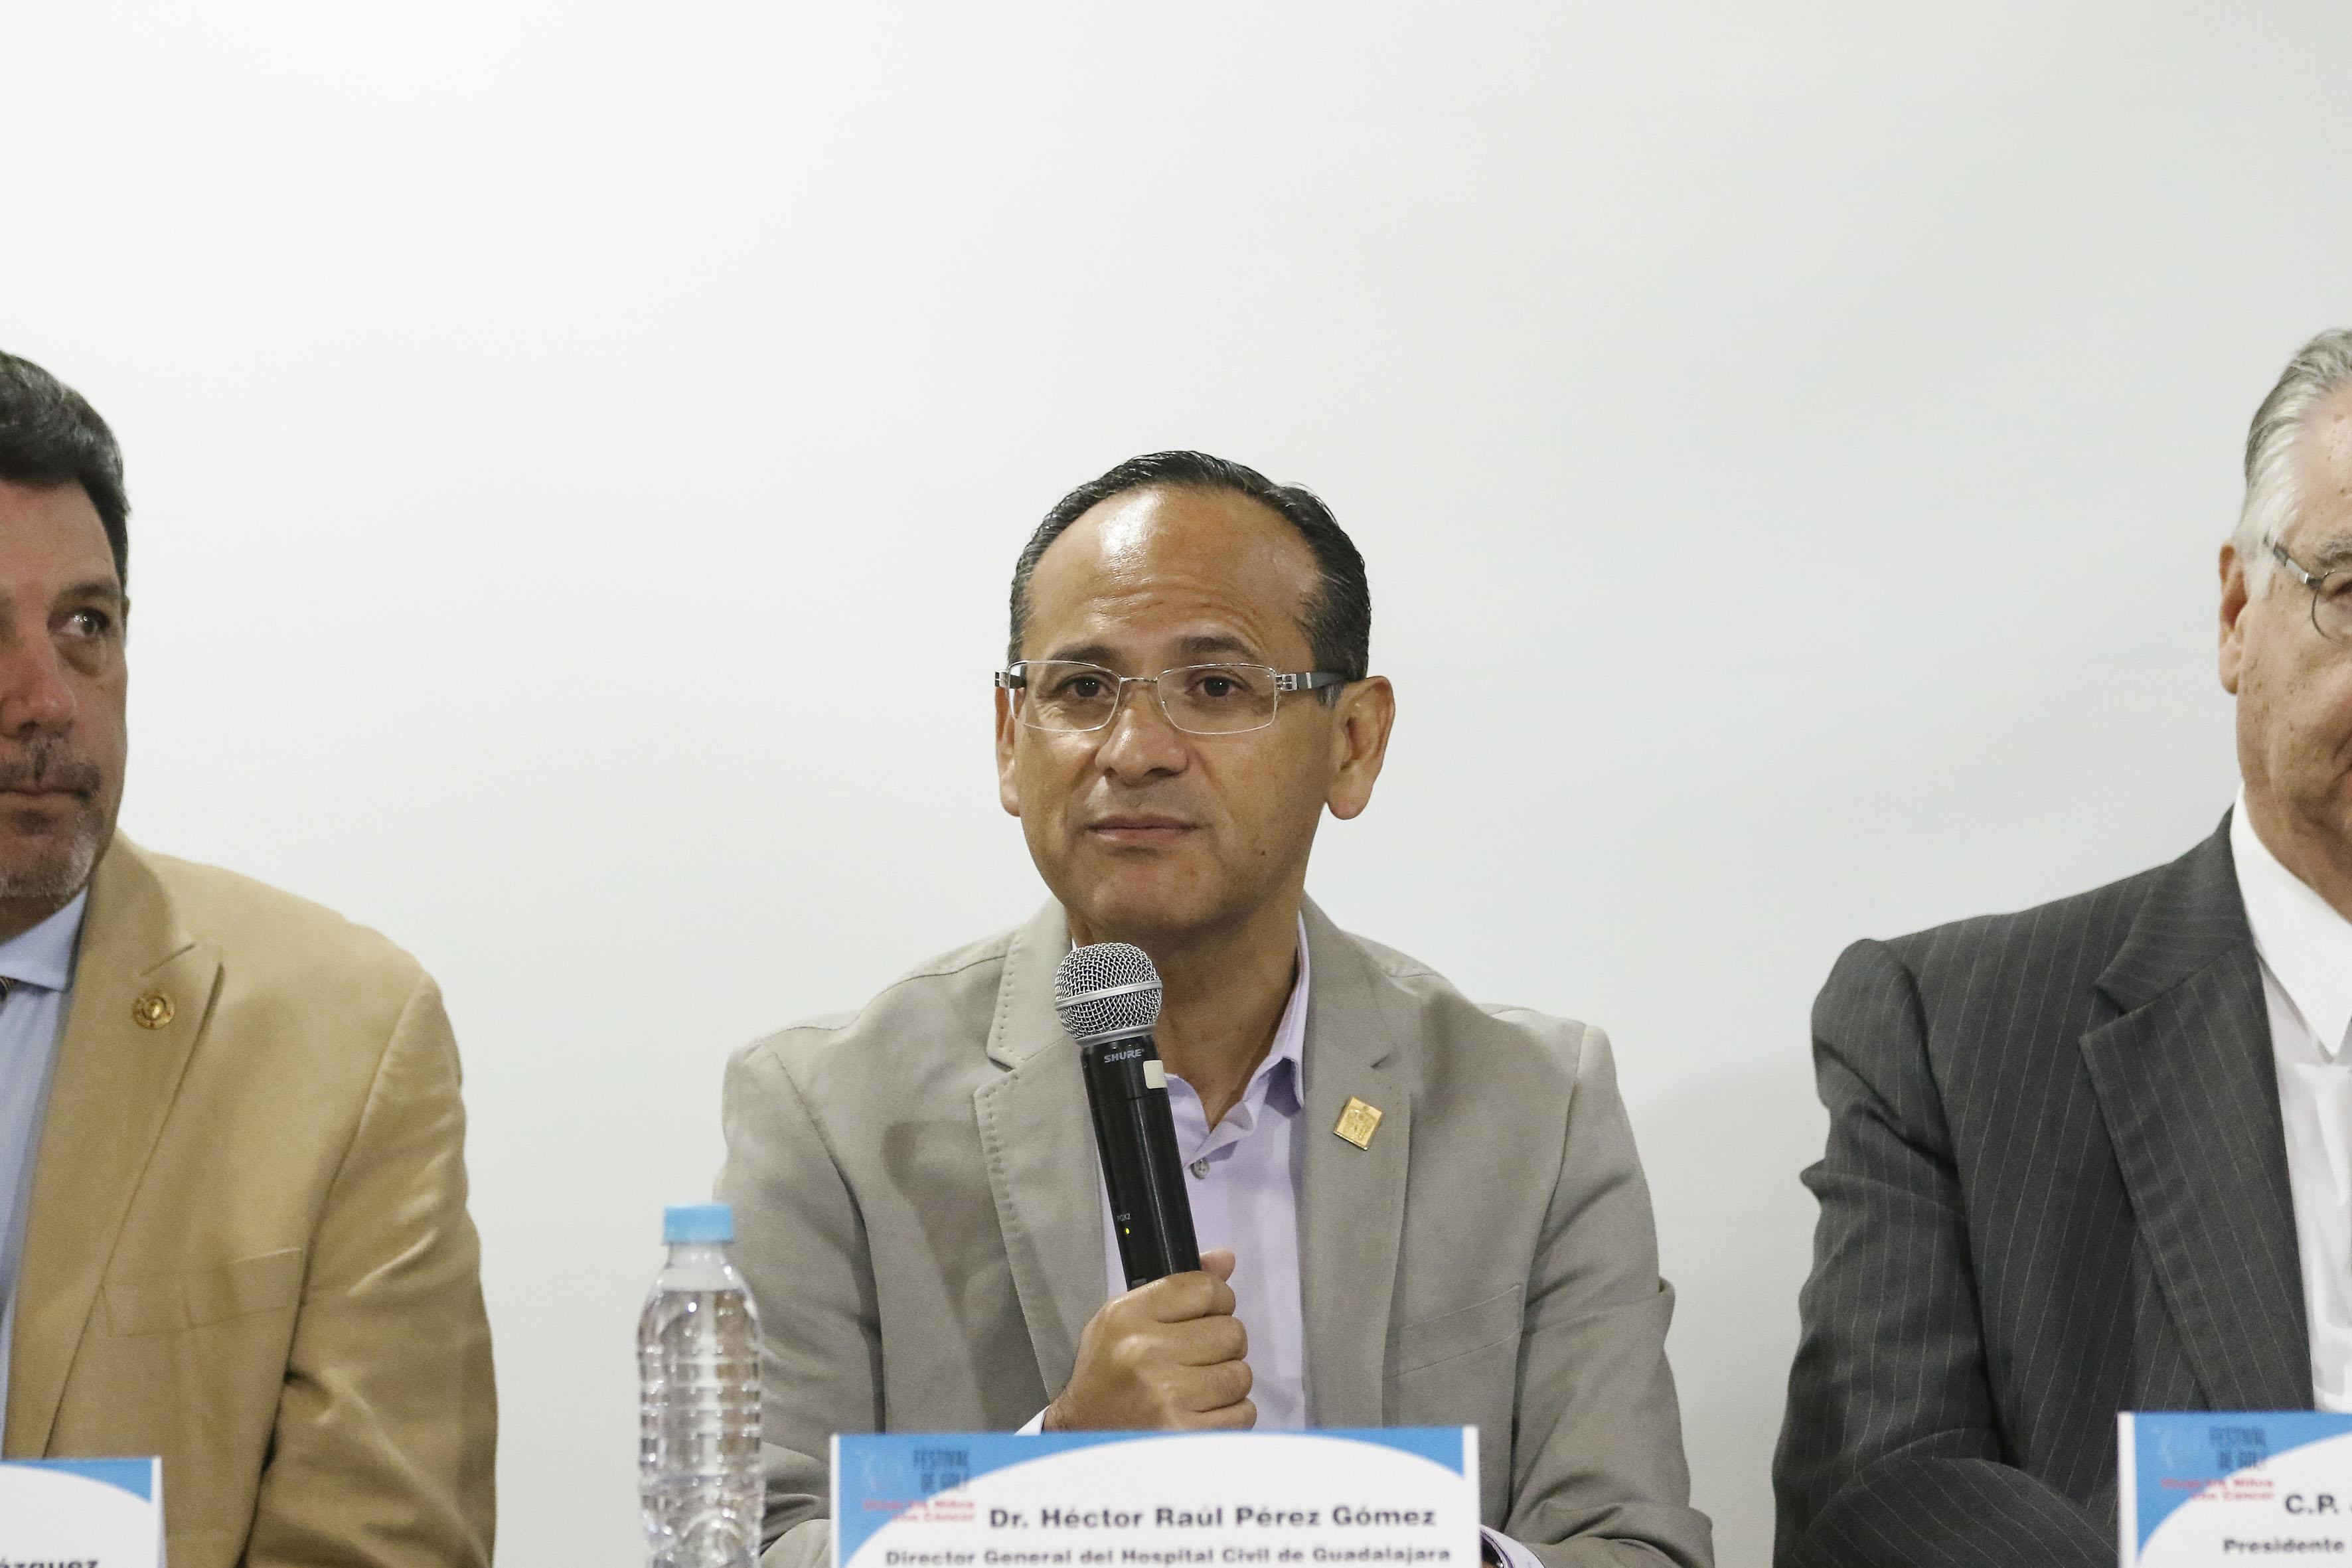 Doctor Héctor Raúl Pérez Gómez, director general del OPD Hospital Civil de Guadalajara, con micrófono en mano, haciendo uso de la voz.